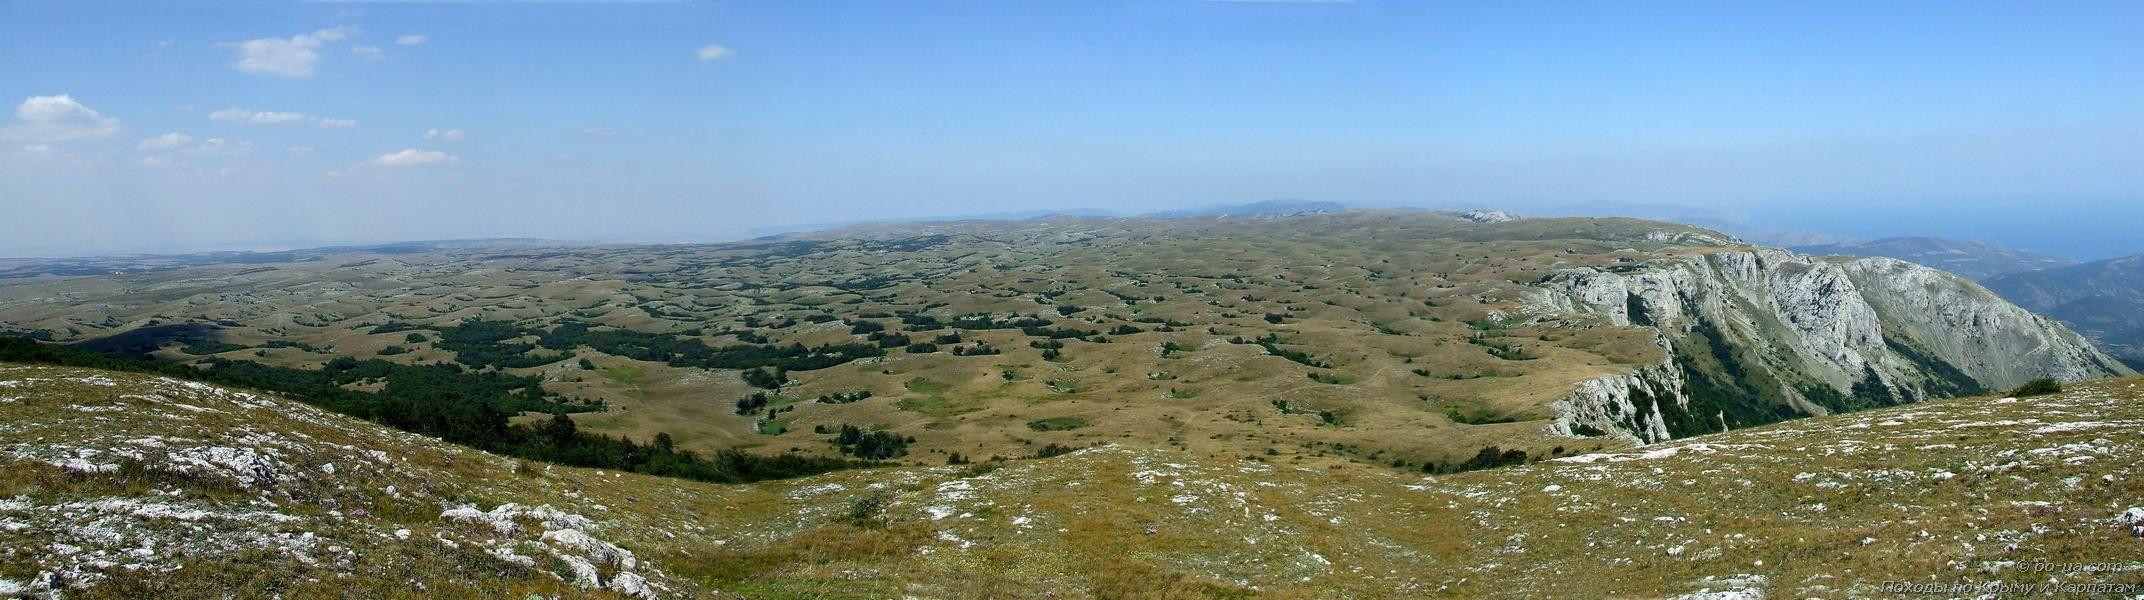 Панорама Караби-яйлы